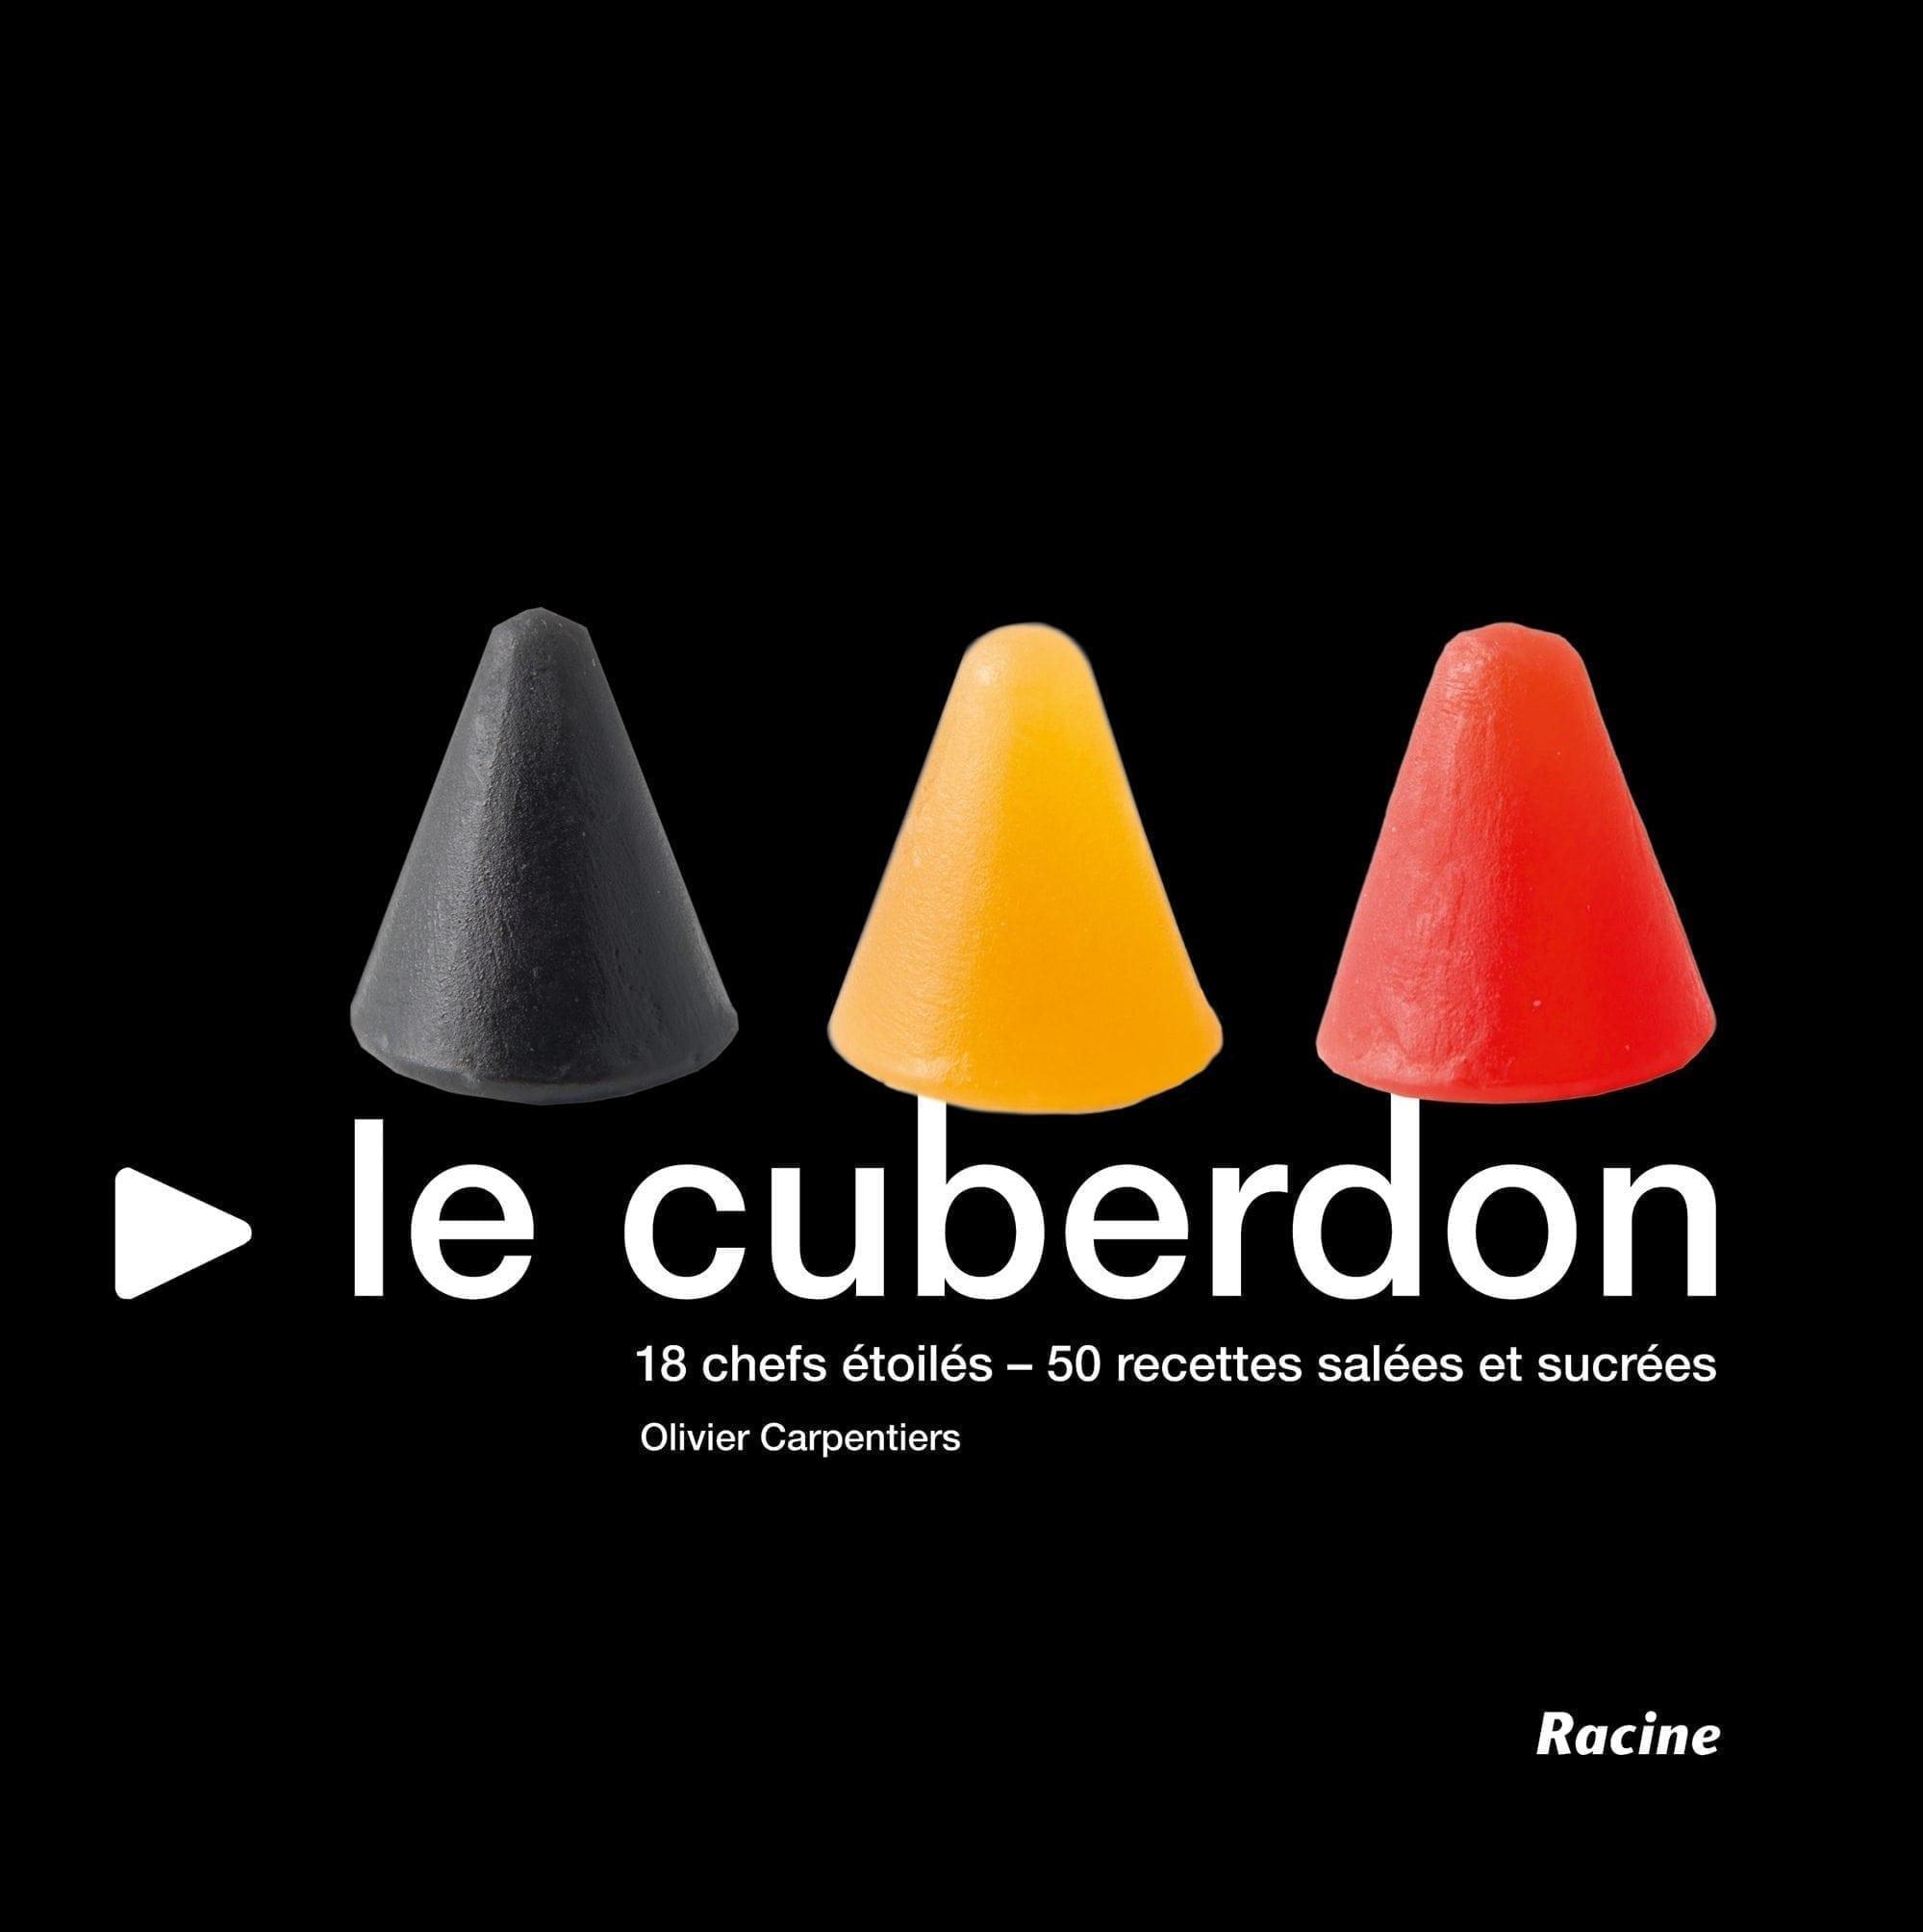 le cuberdon 18 chefs toil s 50 recettes sal es et. Black Bedroom Furniture Sets. Home Design Ideas